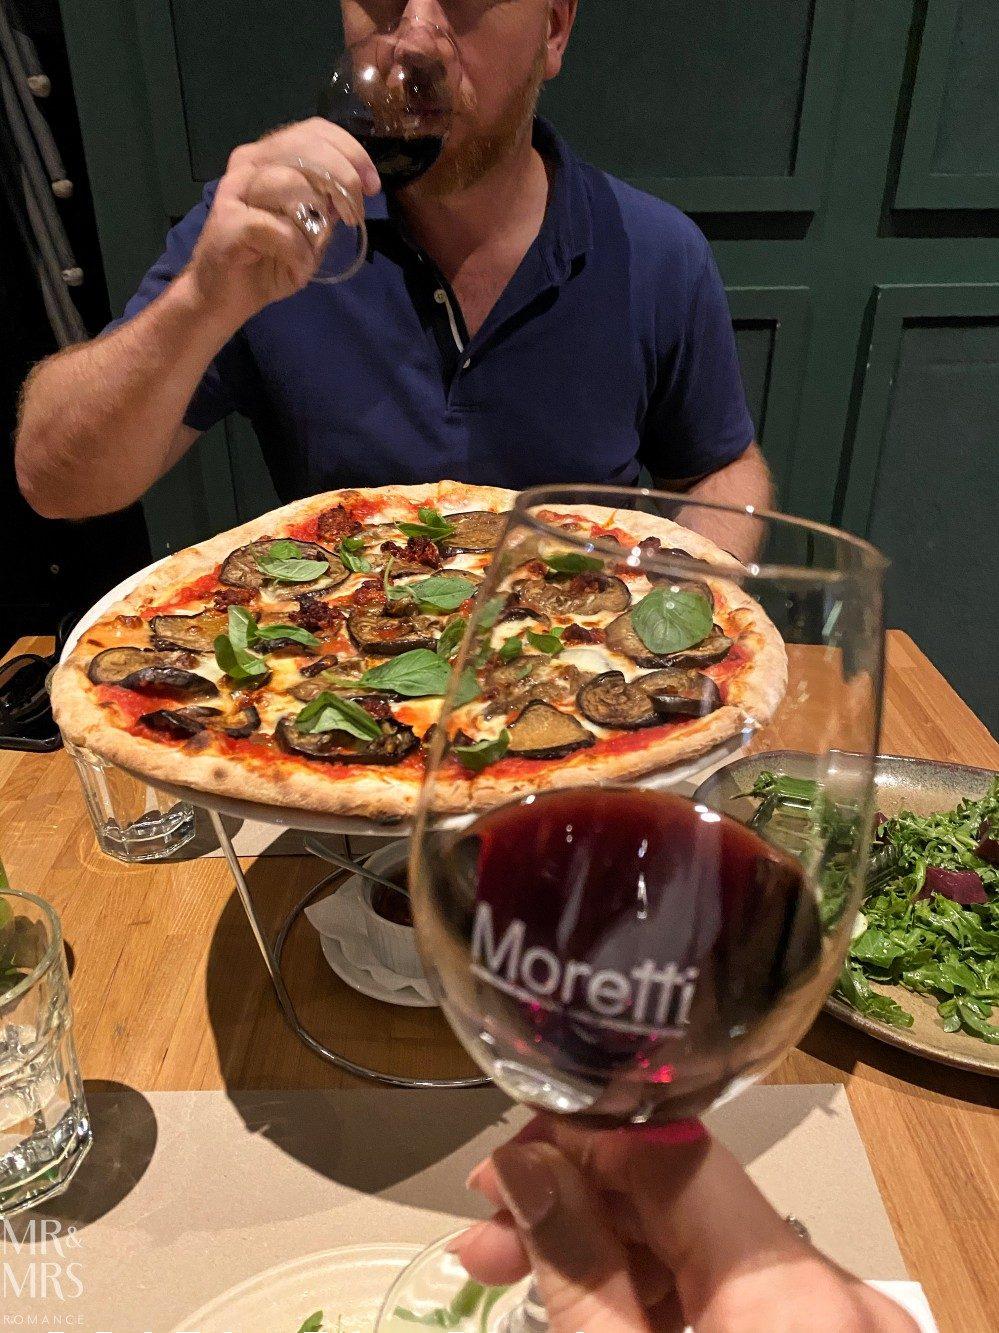 Weekly Edition - Moretti Pizzeria Leichhardt